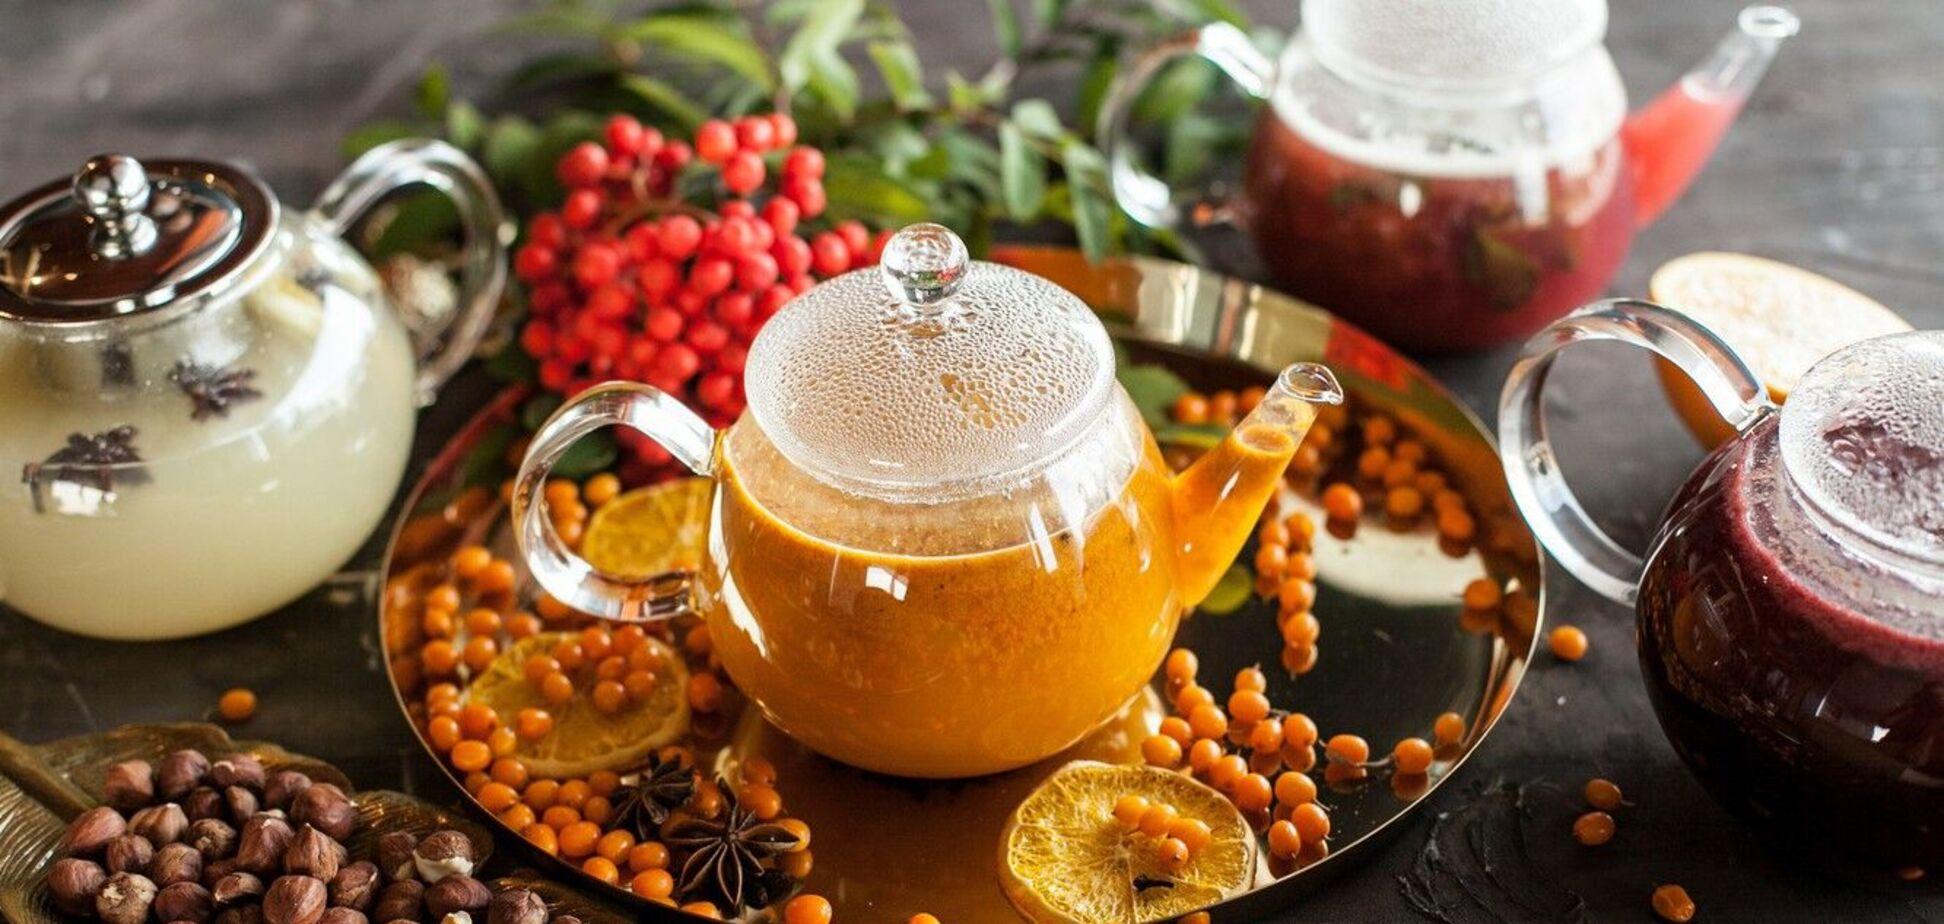 Зеленый чай, соки граната и рябины препятствуют распространению вирусов